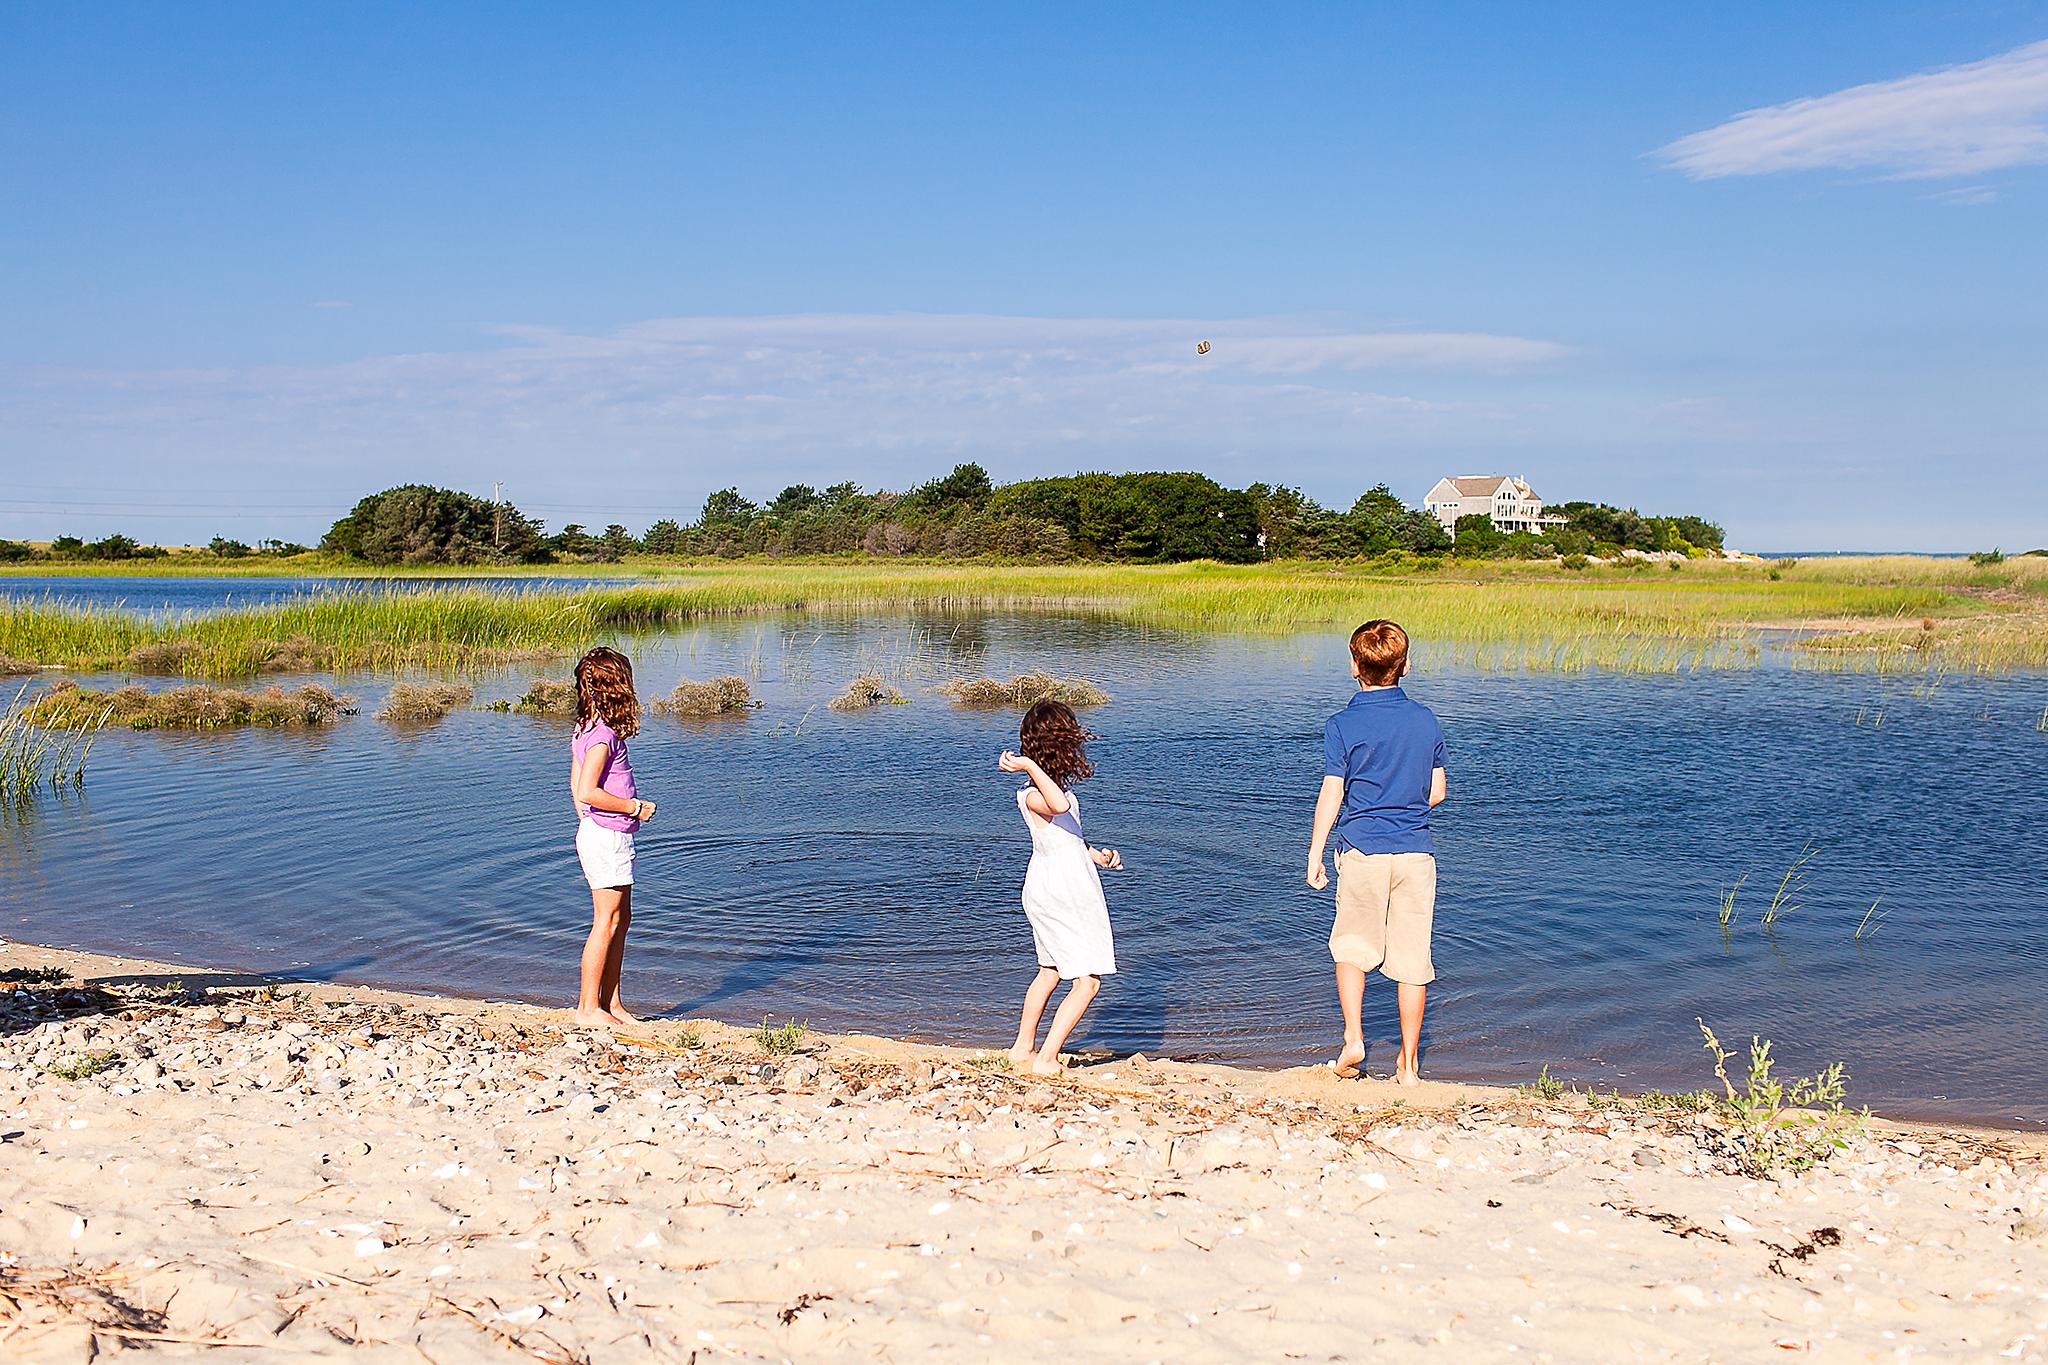 siblings standing on shore throwing rocks in water